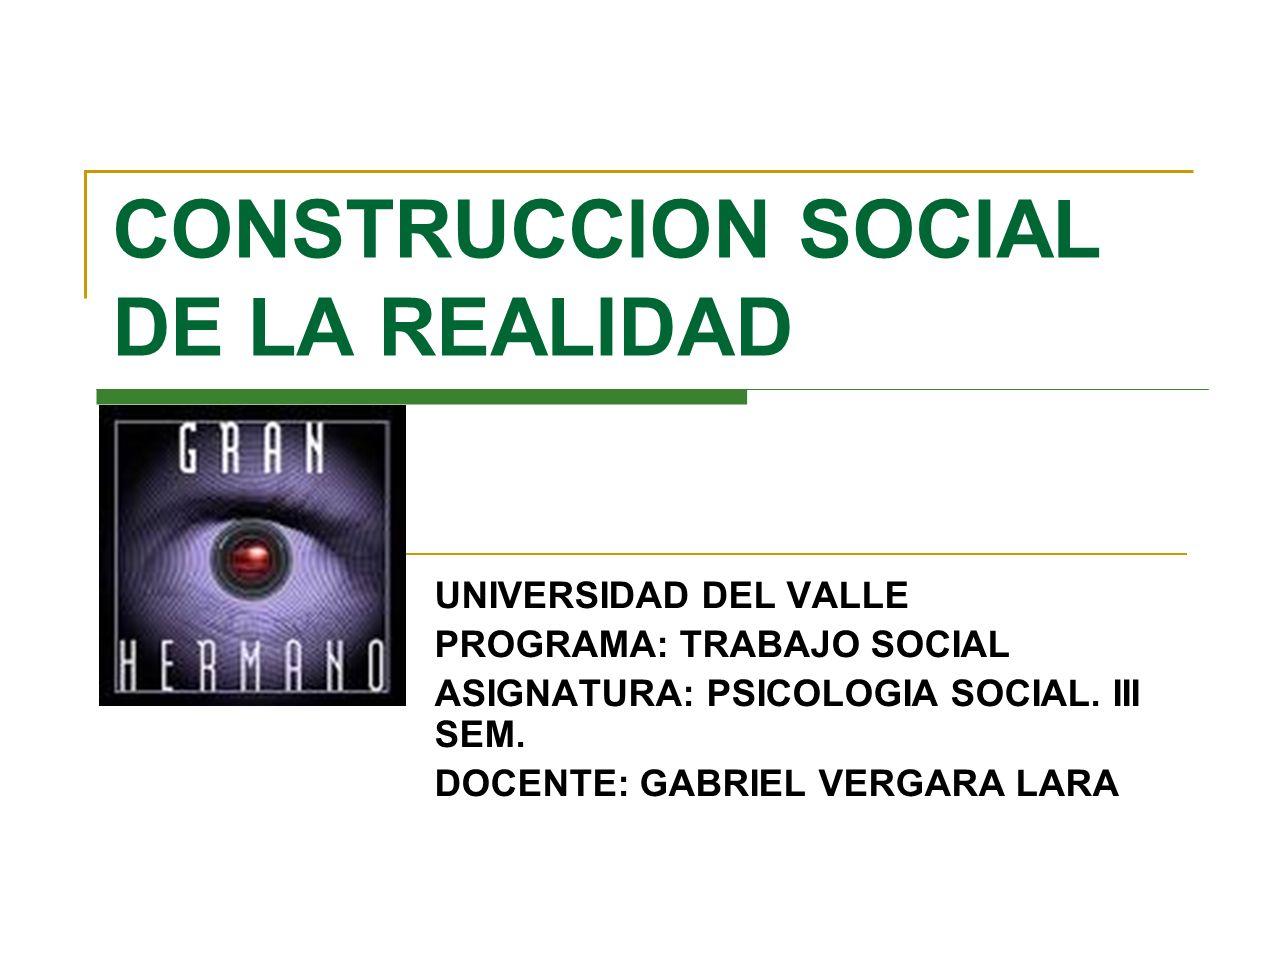 CONSTRUCCION SOCIAL DE LA REALIDAD UNIVERSIDAD DEL VALLE PROGRAMA: TRABAJO SOCIAL ASIGNATURA: PSICOLOGIA SOCIAL. III SEM. DOCENTE: GABRIEL VERGARA LAR